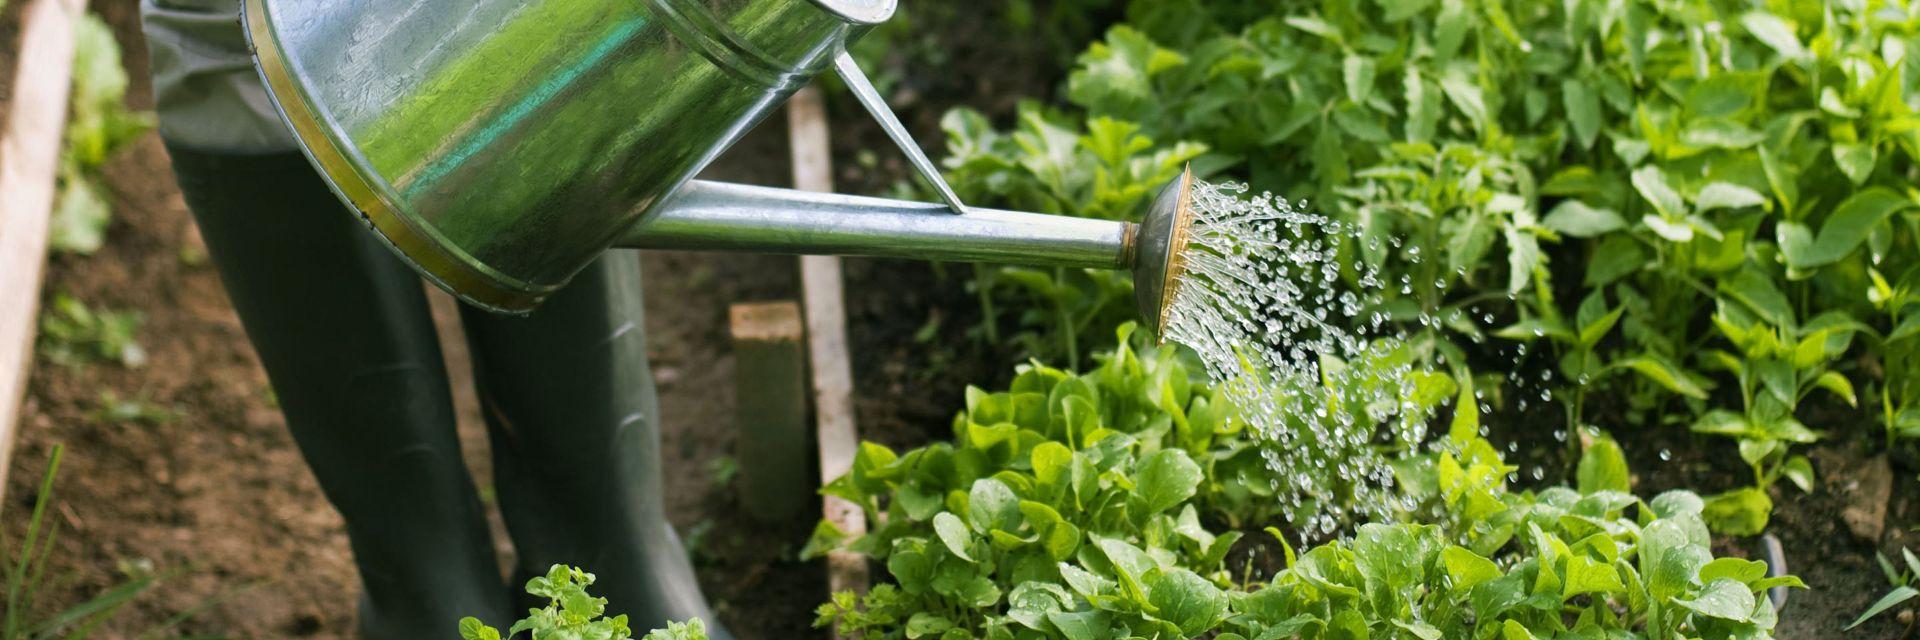 Full Size of Bewässerung Balkon Wie Sie Ihre Pflanzen Richtig Gieen Bewässerungssysteme Garten Test Automatisch Bewässerungssystem Wohnzimmer Bewässerung Balkon